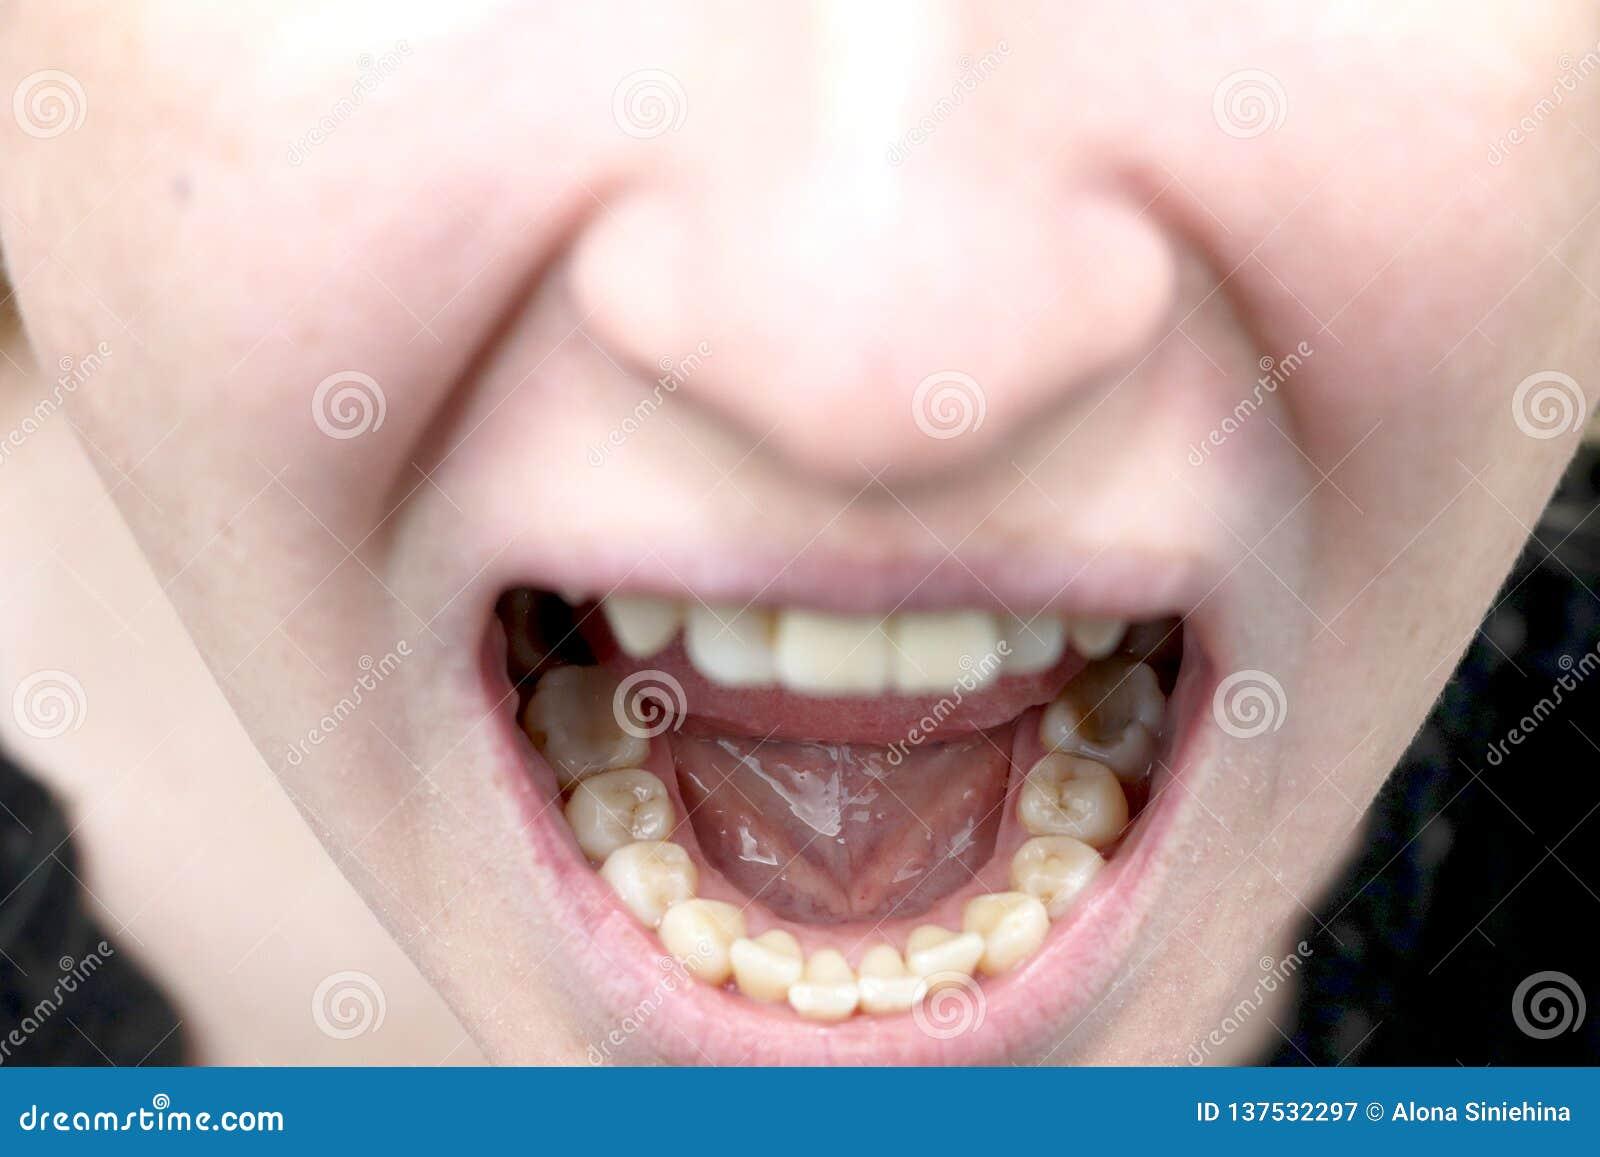 Plakieta pacjent, kamień Dentystyki traktowanie stomatologiczna plakieta, fachowa oralna higiena pojęcie krzywda dymić i